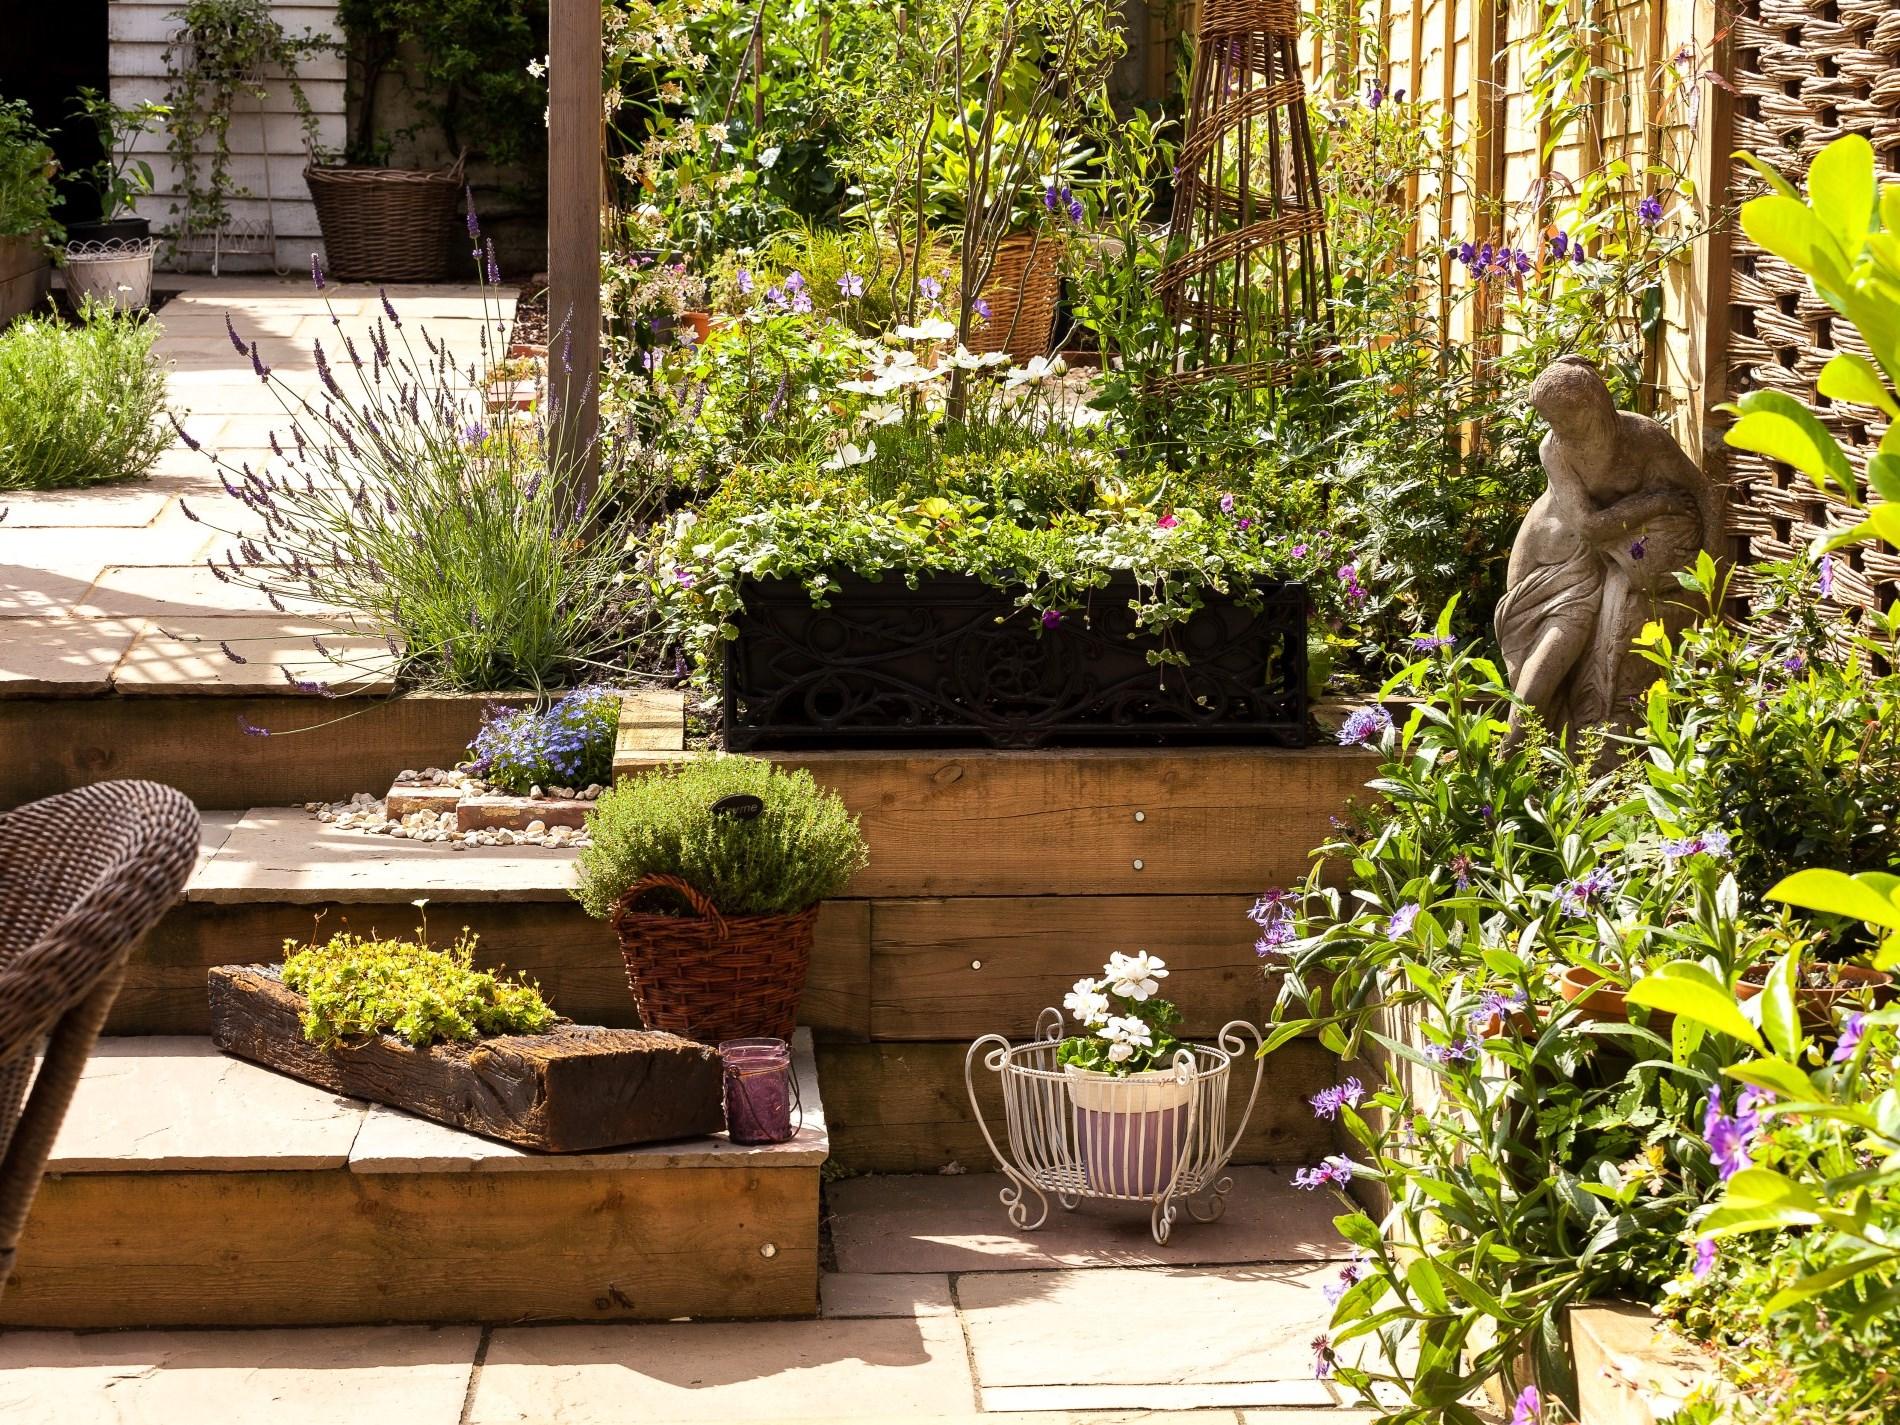 A well landscaped garden